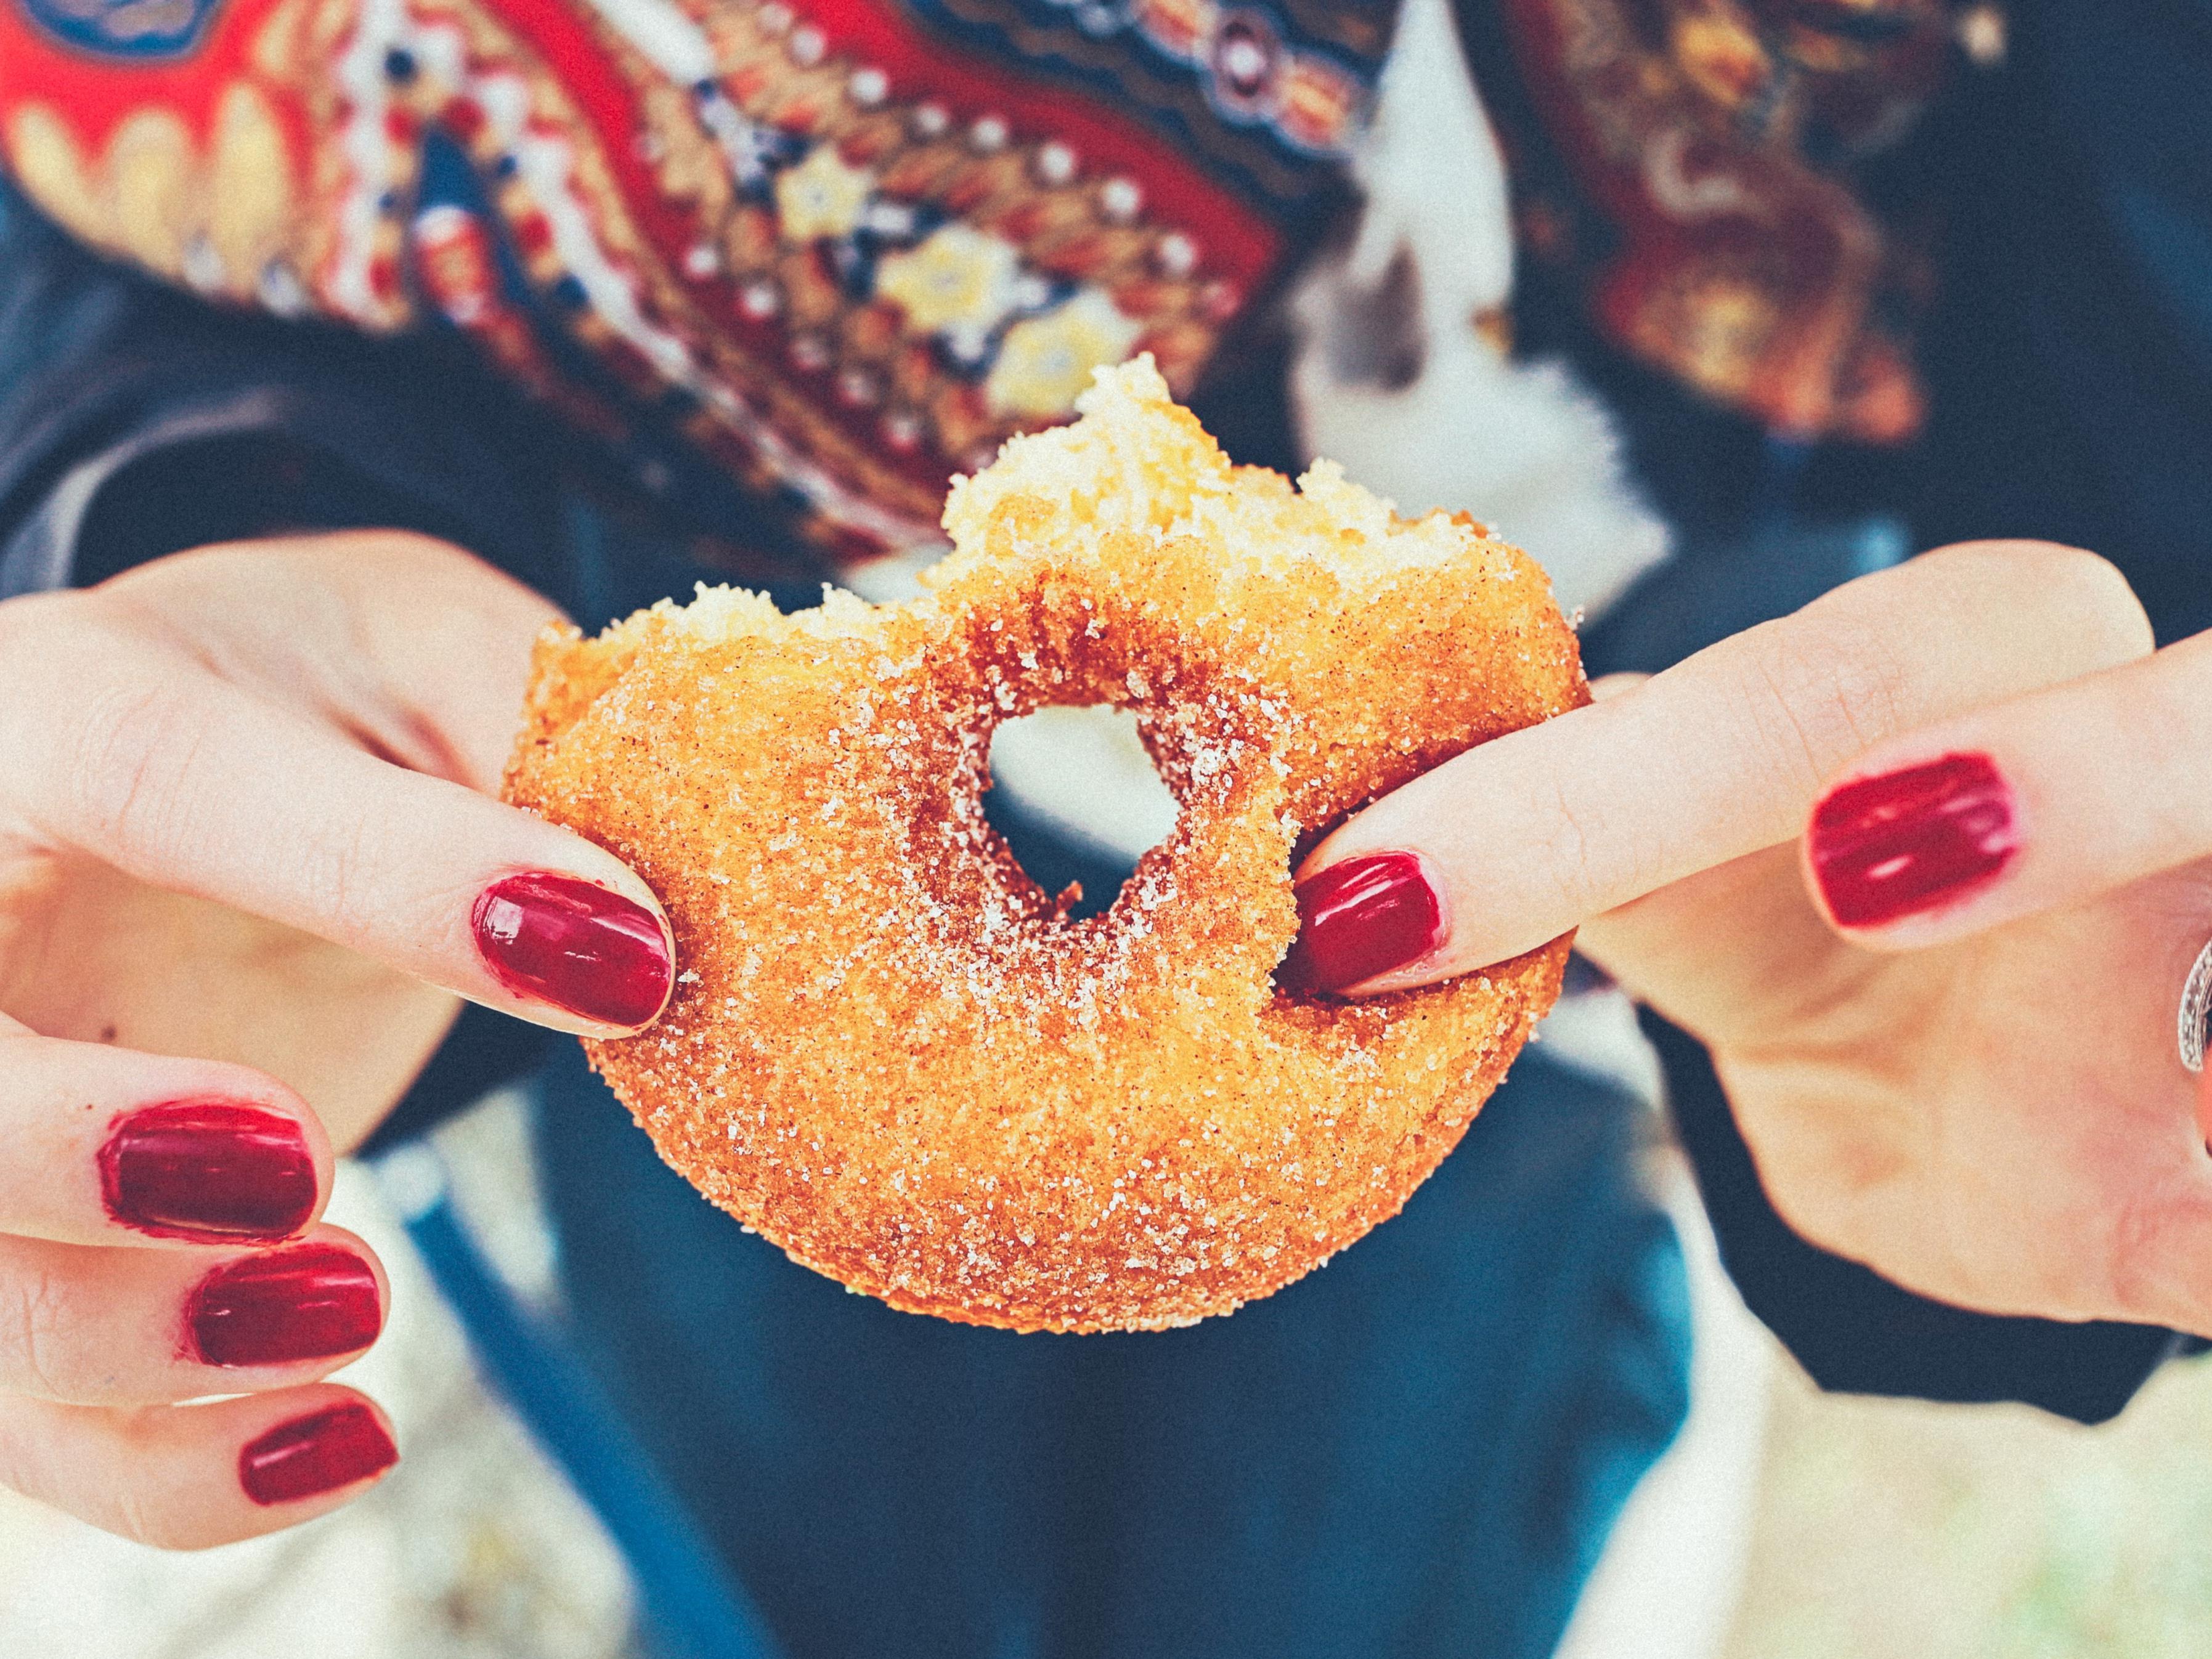 Nicht nur in Süßspeisen, auch in vielen anderen Lebensmitteln, ist Zucker enthalten.